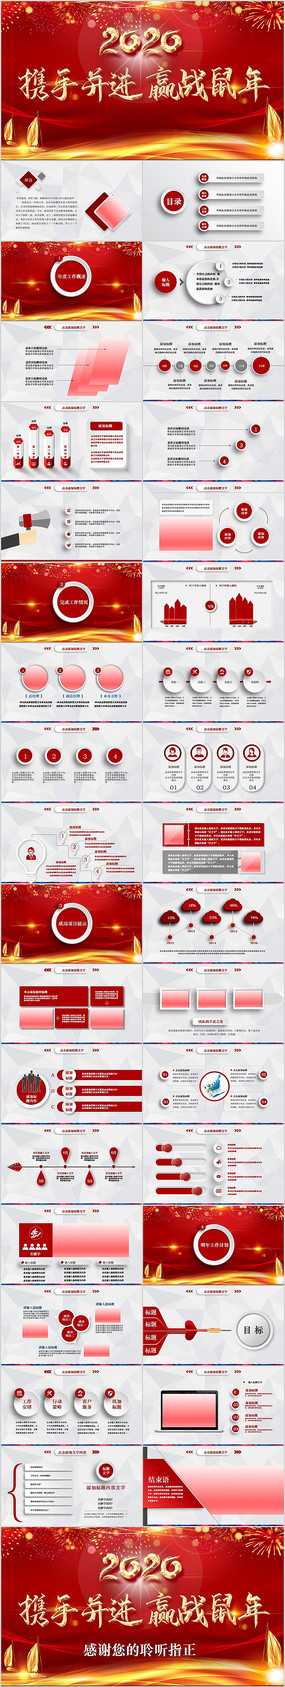 红色赢战鼠年2020新年计划ppt